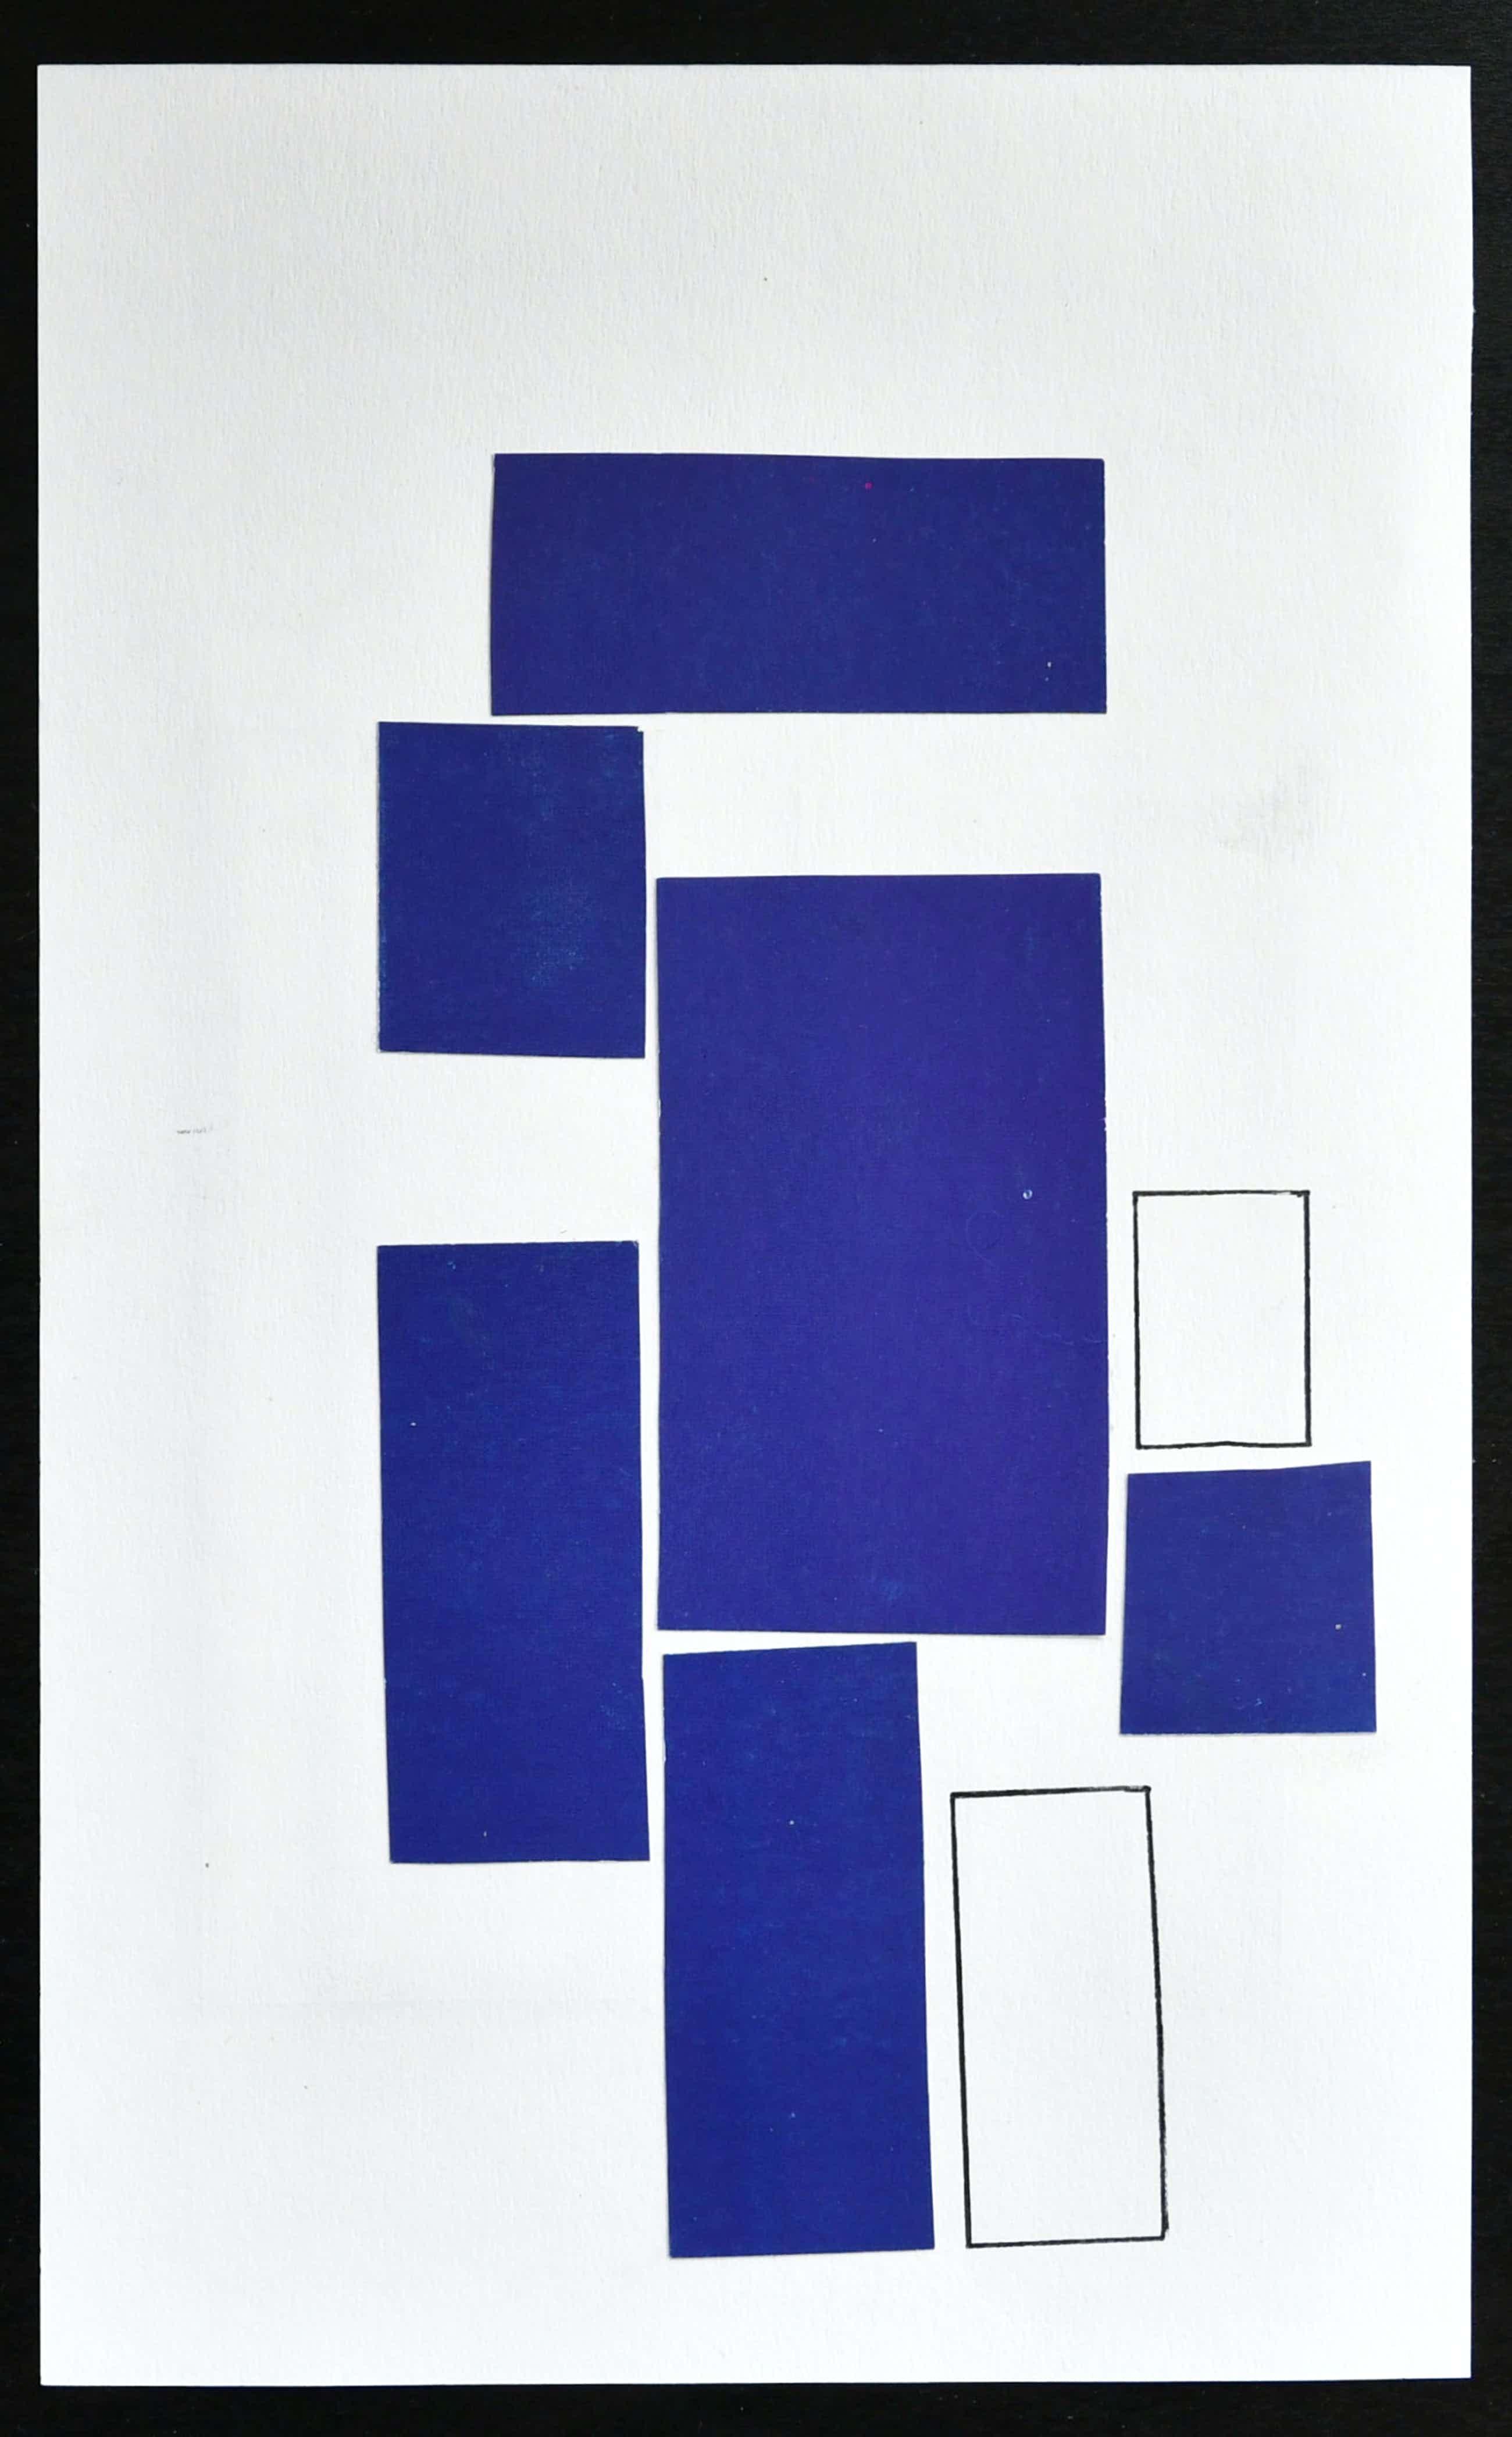 Siep van den Berg - DUBBELZIJDIGE ABSTRACTE COMPOSITIE, Collage + Pen # 1990, mint kopen? Bied vanaf 65!